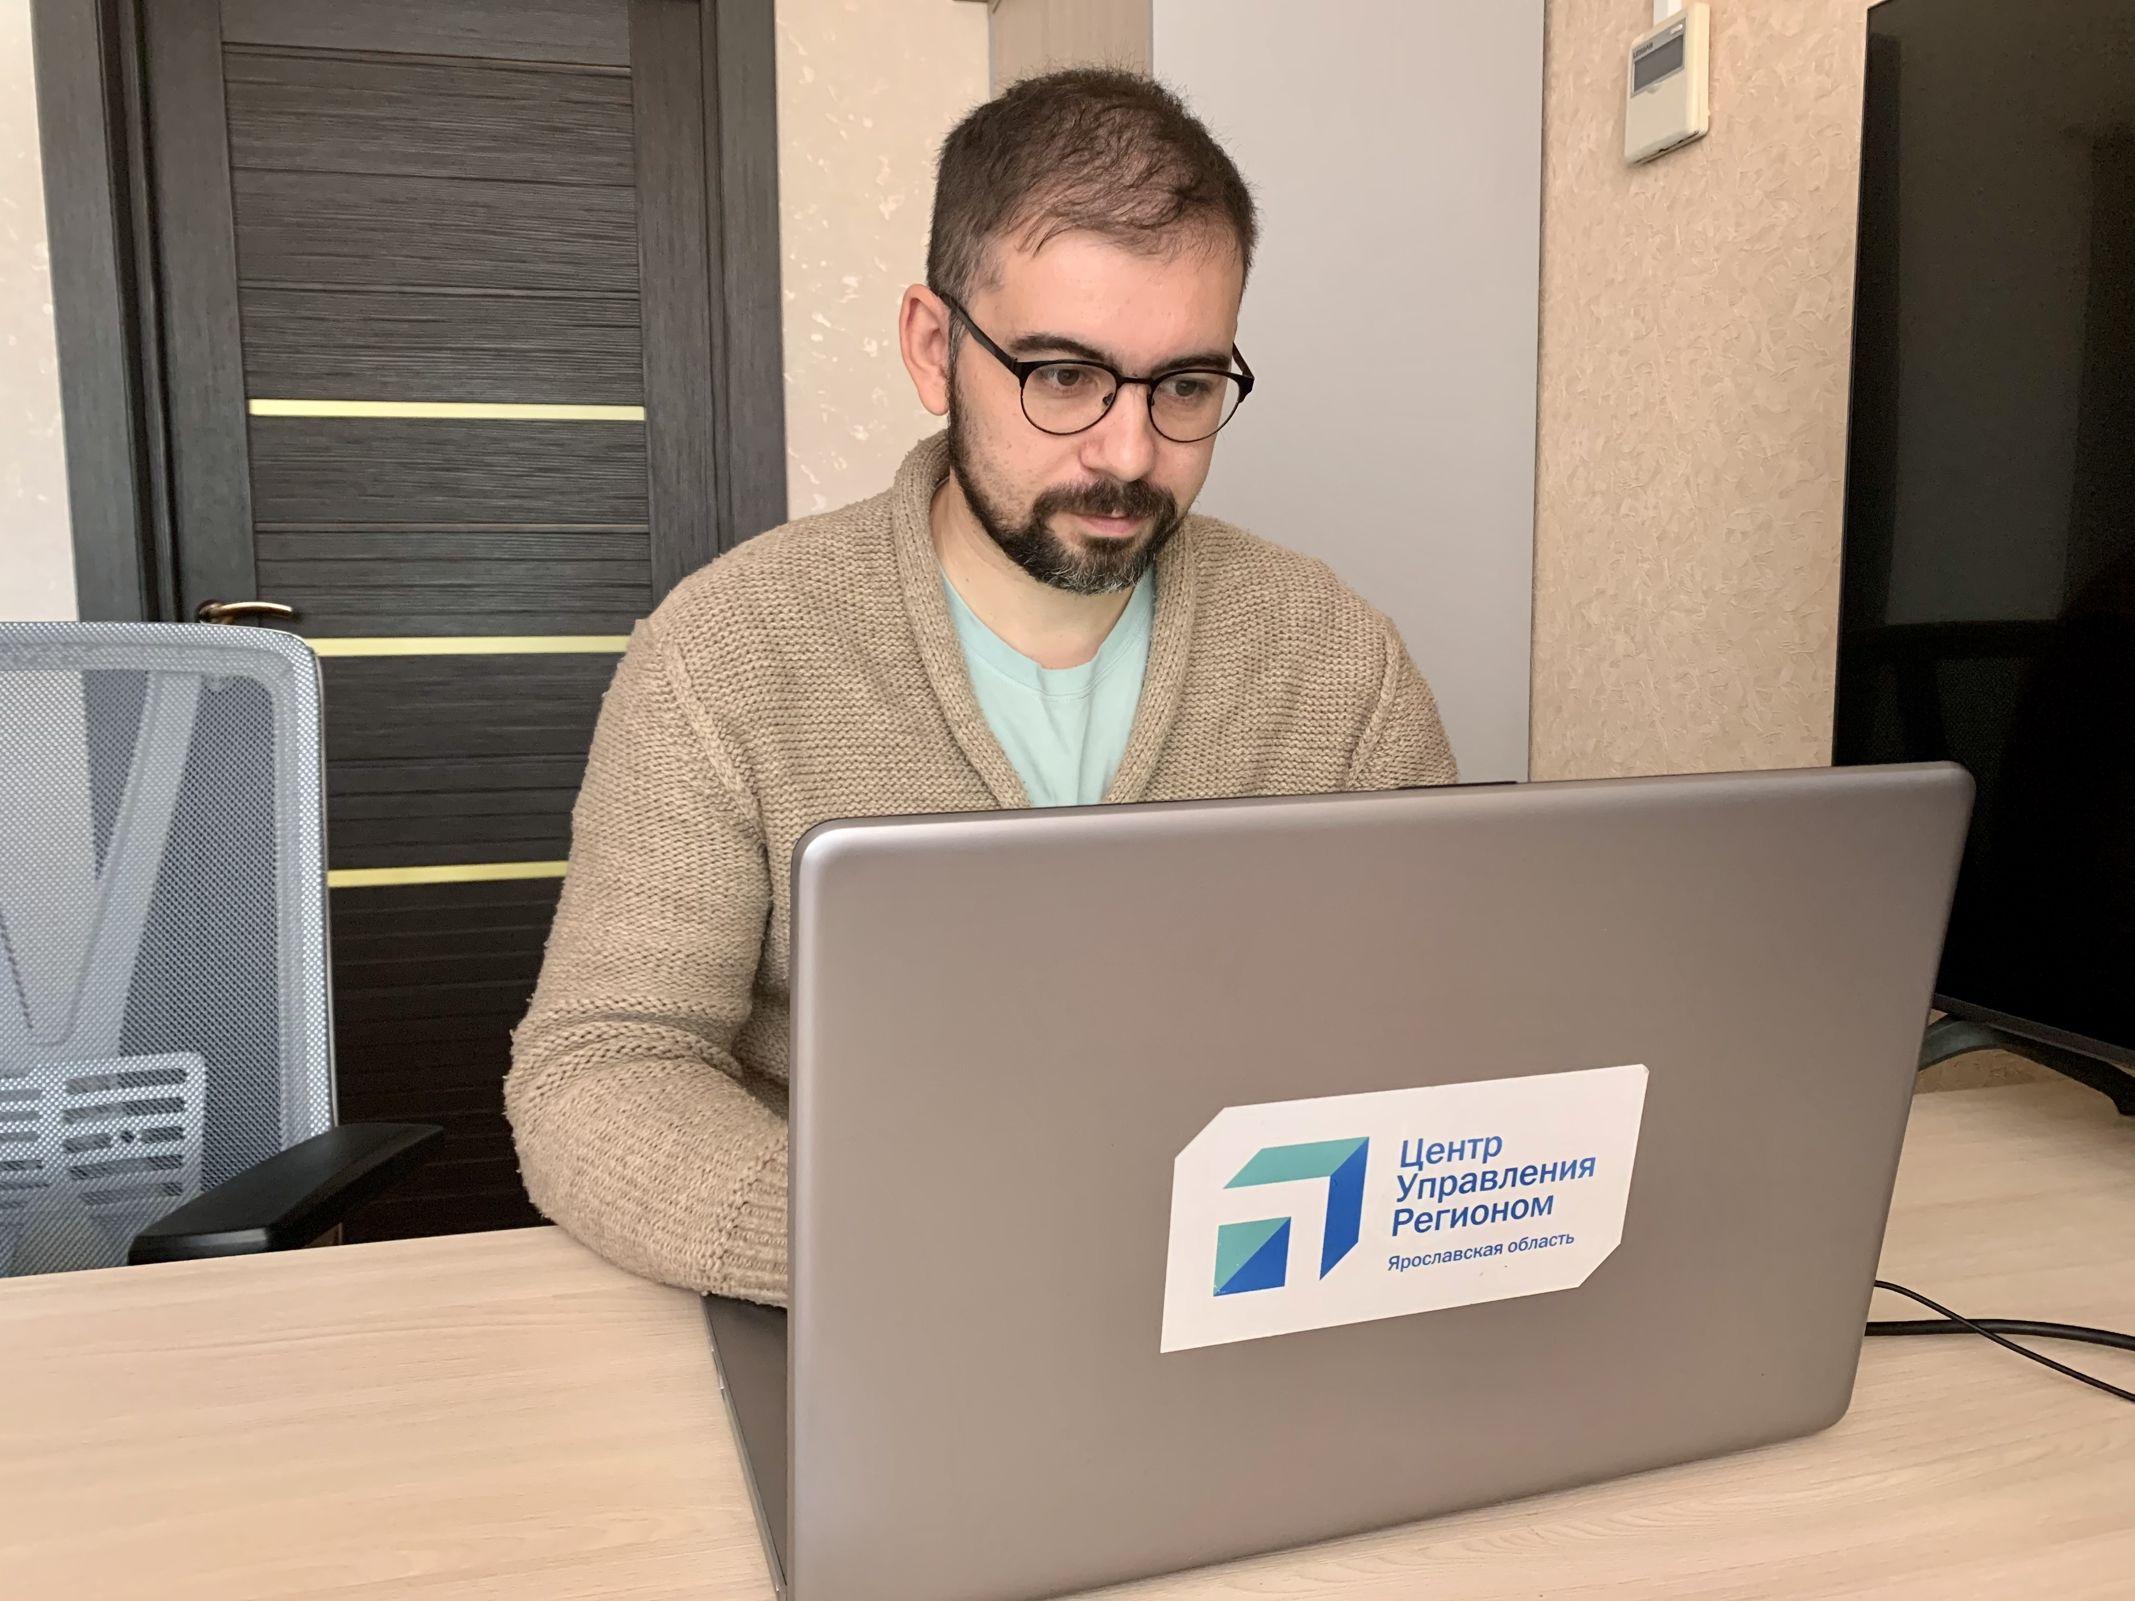 В Ярославской области прошел семинар для представителей волонтерских организаций по созданию контента